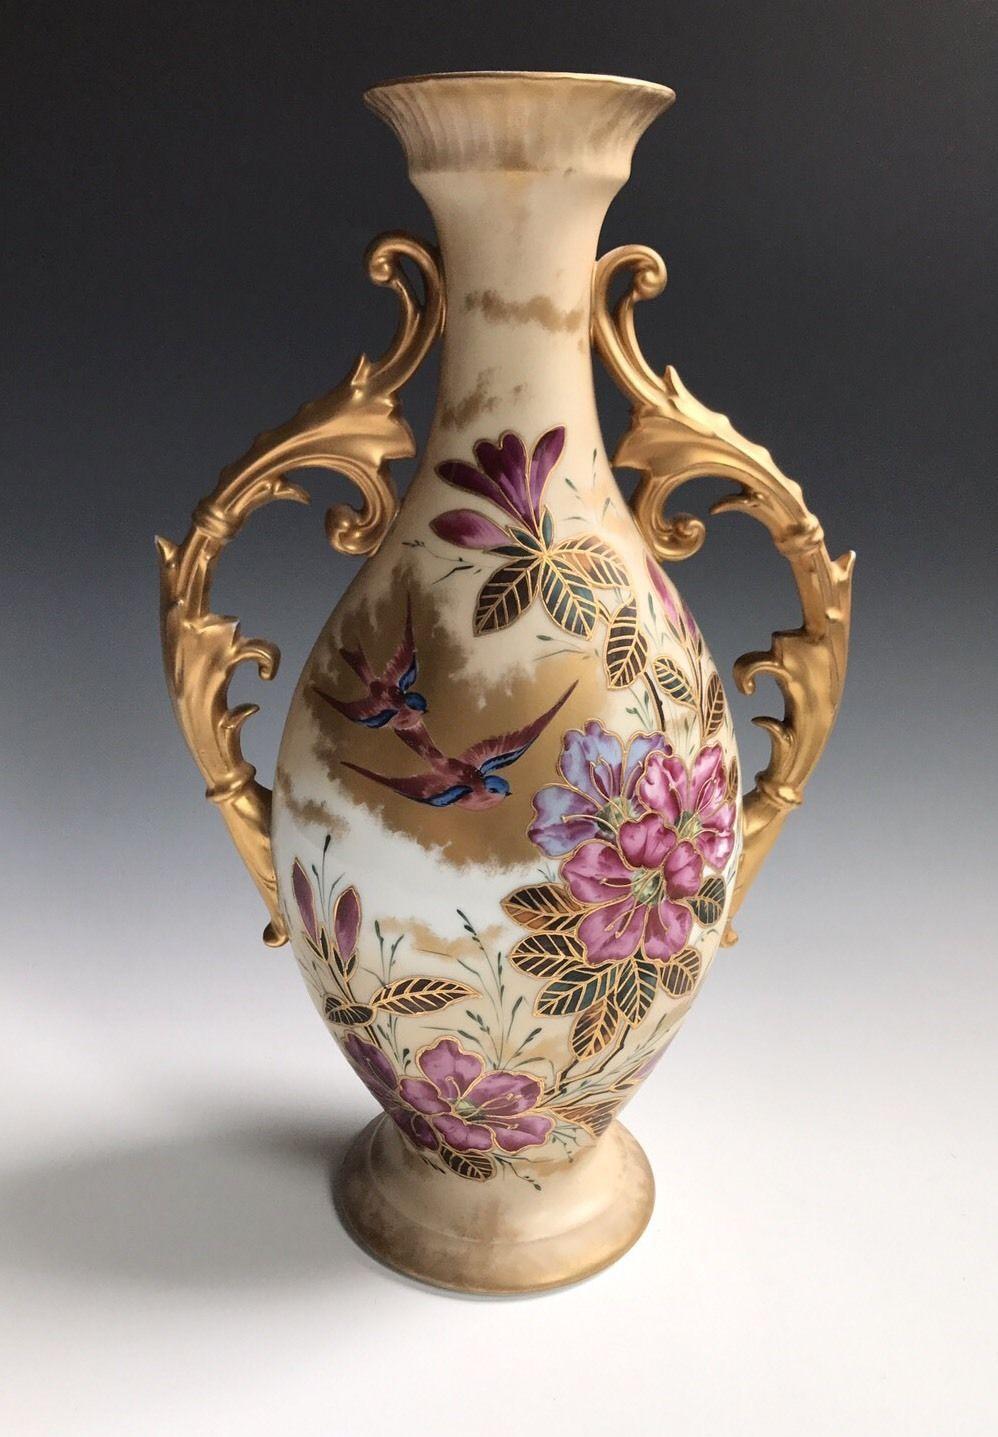 A Large Antique Porcelain European Hand Painted Flower Vase Ebay Flower Vases Vase Antique Porcelain